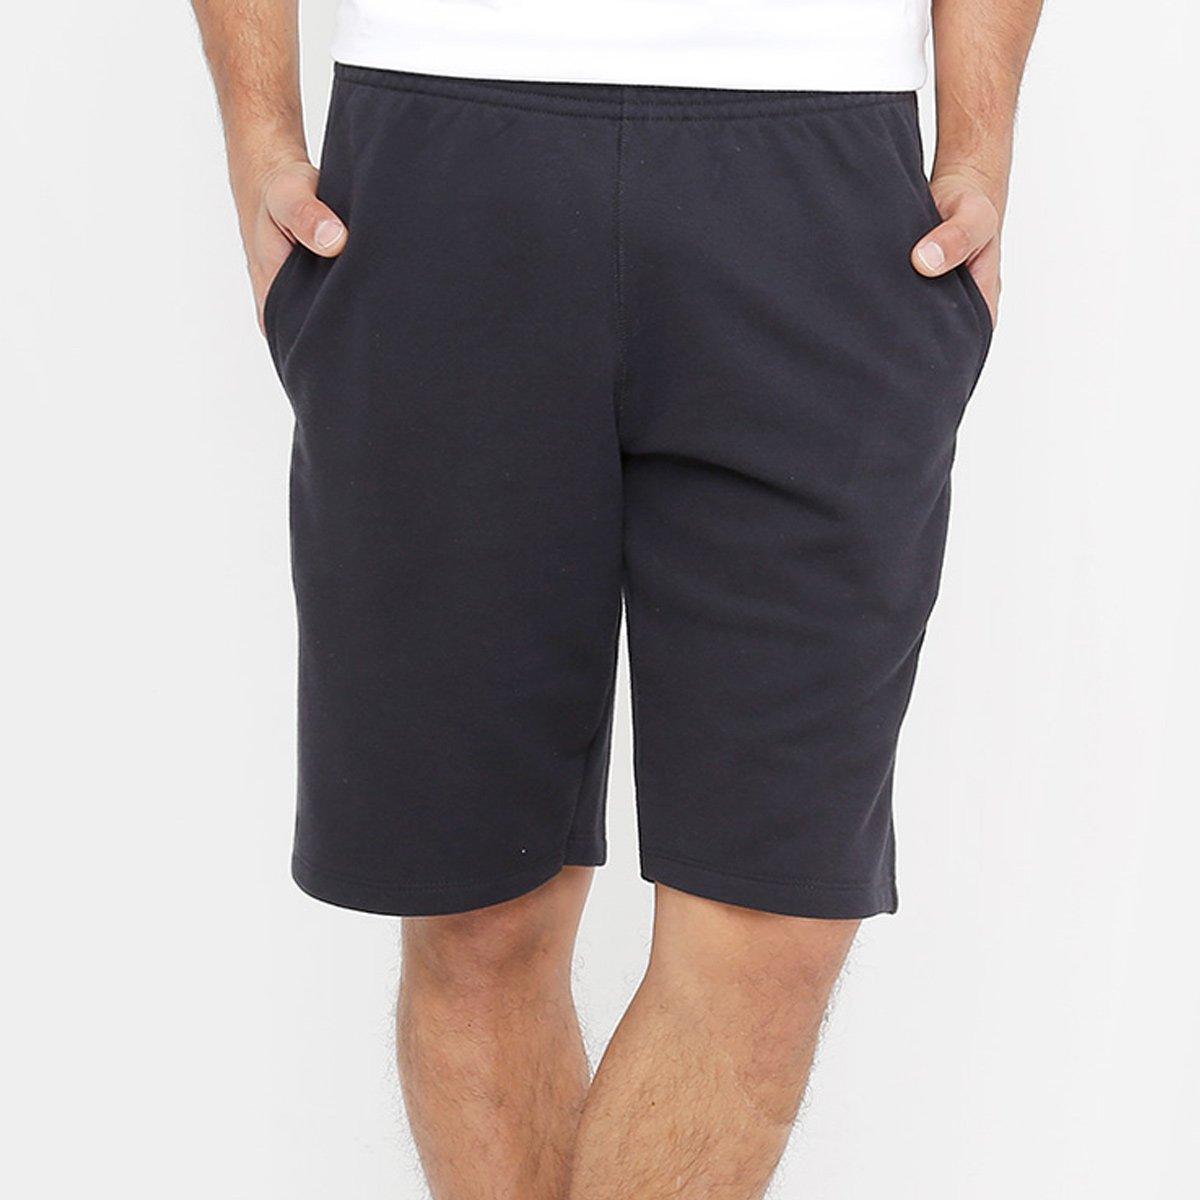 cd9fcf3c786ab Shorts Oakley Masculinos - Melhores Preços